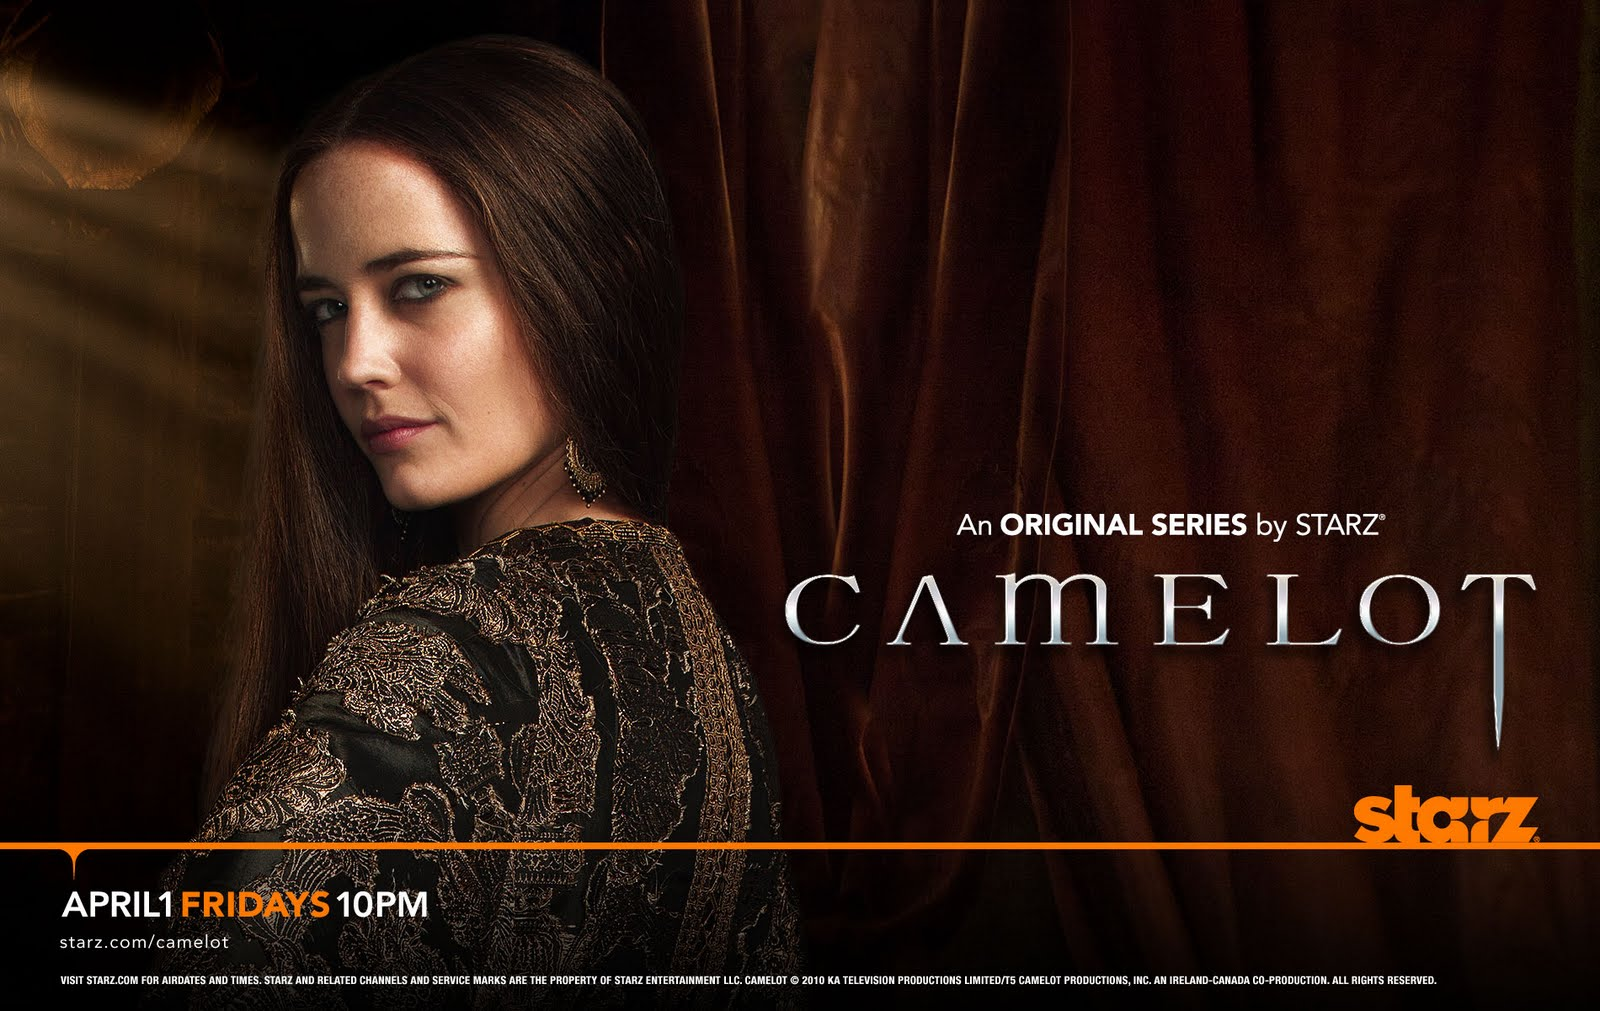 http://4.bp.blogspot.com/-heKF1Z-kdVg/Th0hL_jMRVI/AAAAAAAAIOI/_F1iPBhP6hU/s1600/Camelot_TV-Show_HD_Wallpaper_1920x1200+2.jpg